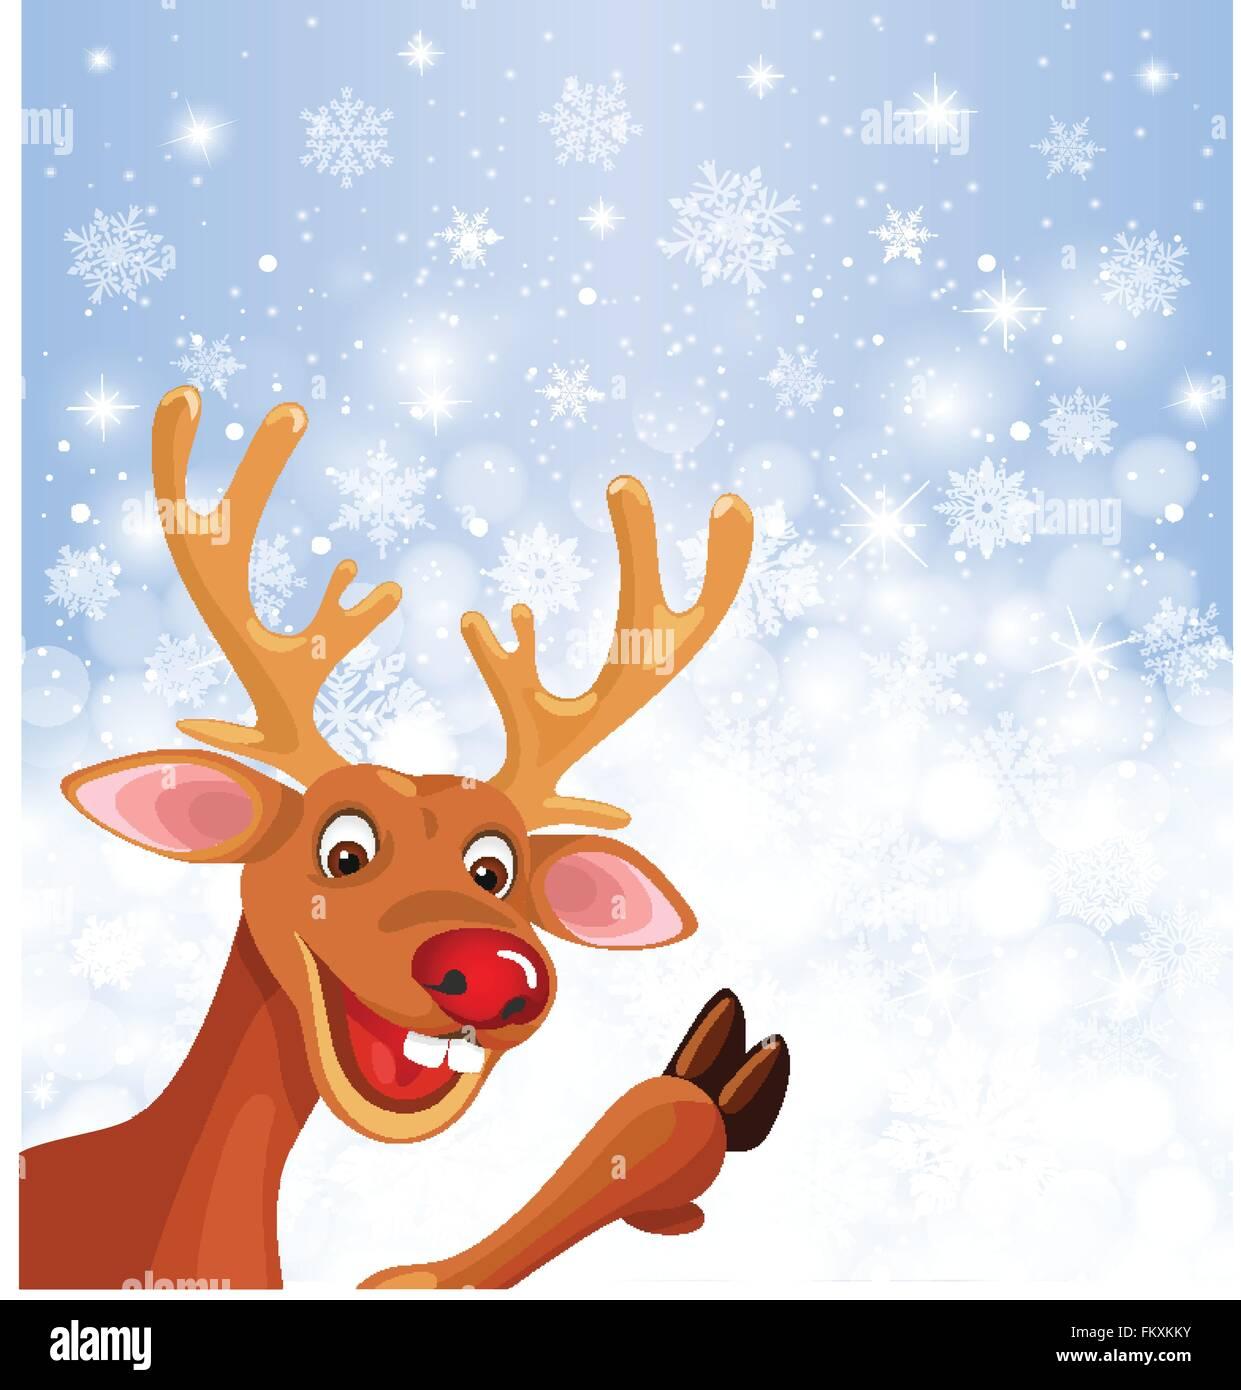 Rentier Rudolph in Ecke des Weihnachten Schneeflocke Hintergrund ...